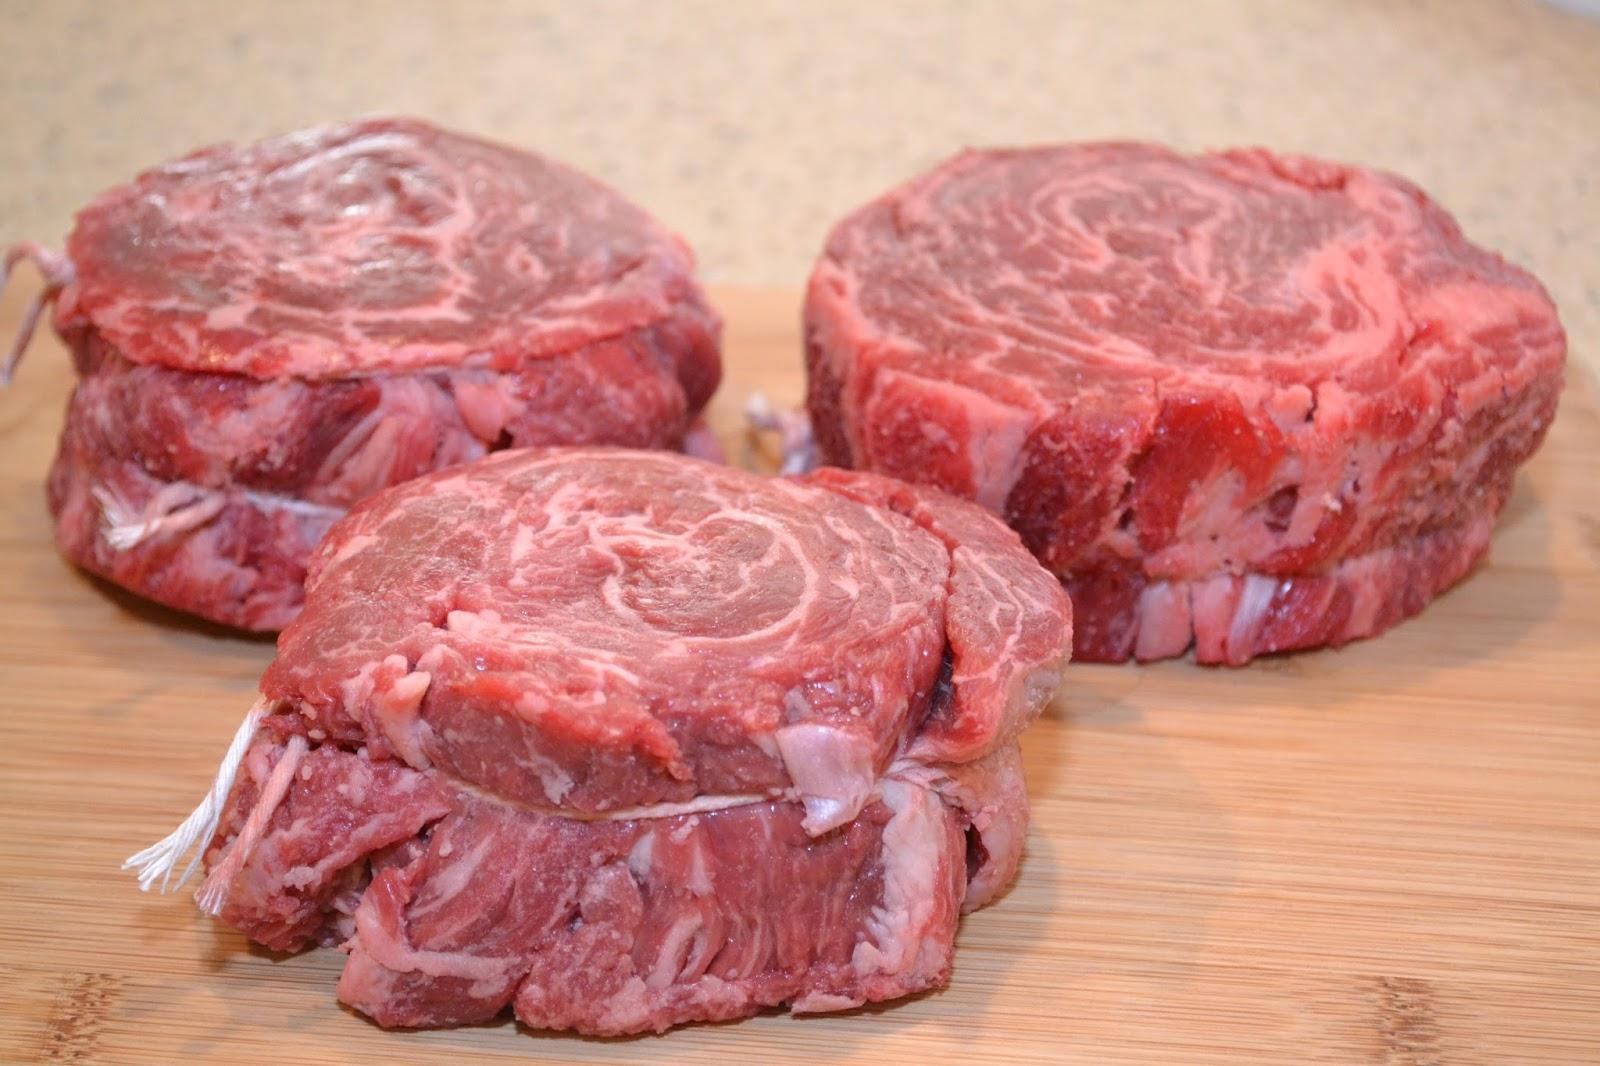 weekend food project cap of ribeye or spinalis steak on